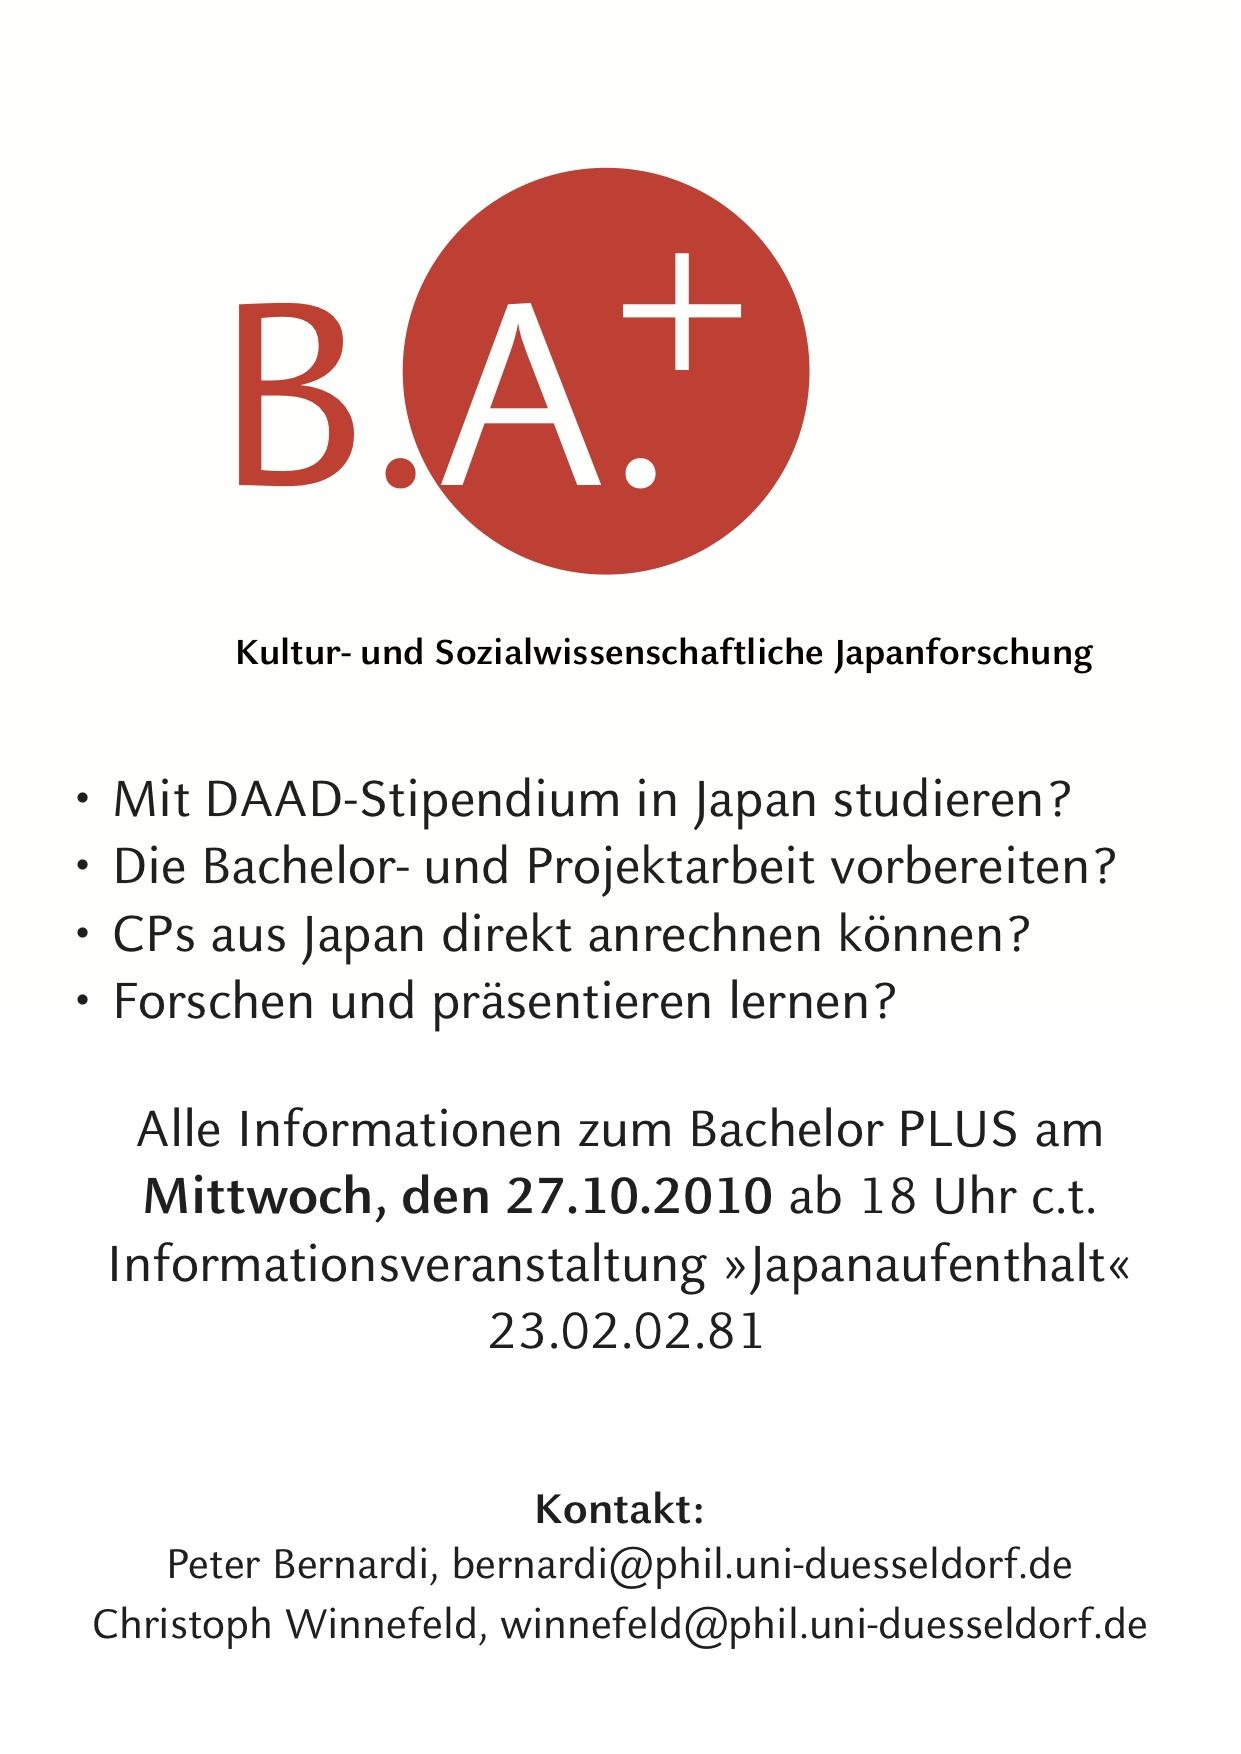 Oktober 2010 von Peter Bernardi in Featured, Stipendien, Veranstaltungen ( Düsseldorf) veröffentlicht. Schlagworte: Bachelor Plus.